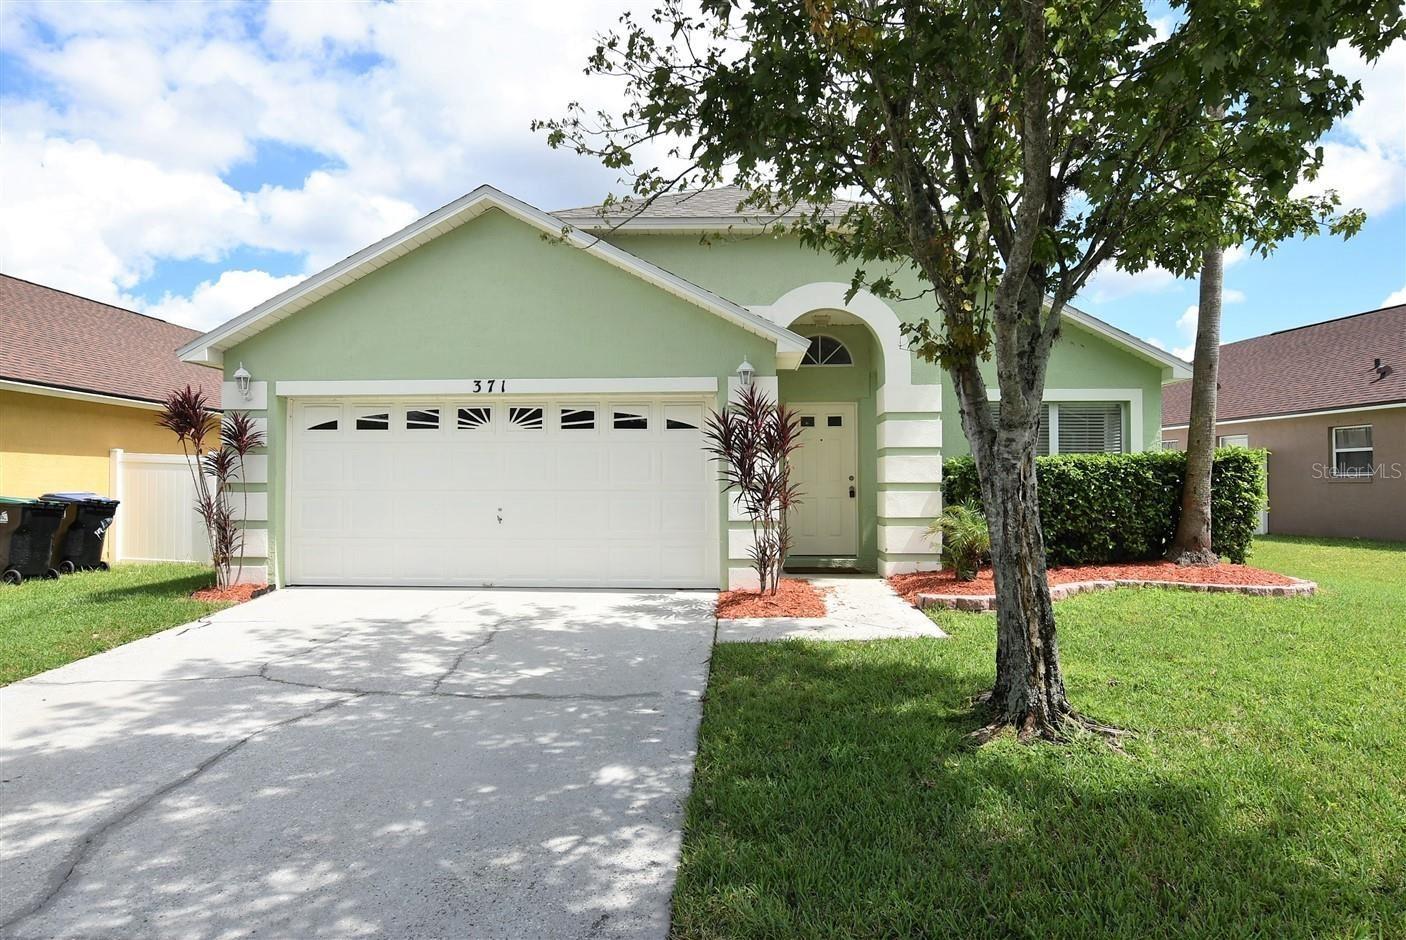 371 FIELDSTREAM NORTH BOULEVARD, Orlando, FL 32825 - #: O5975249